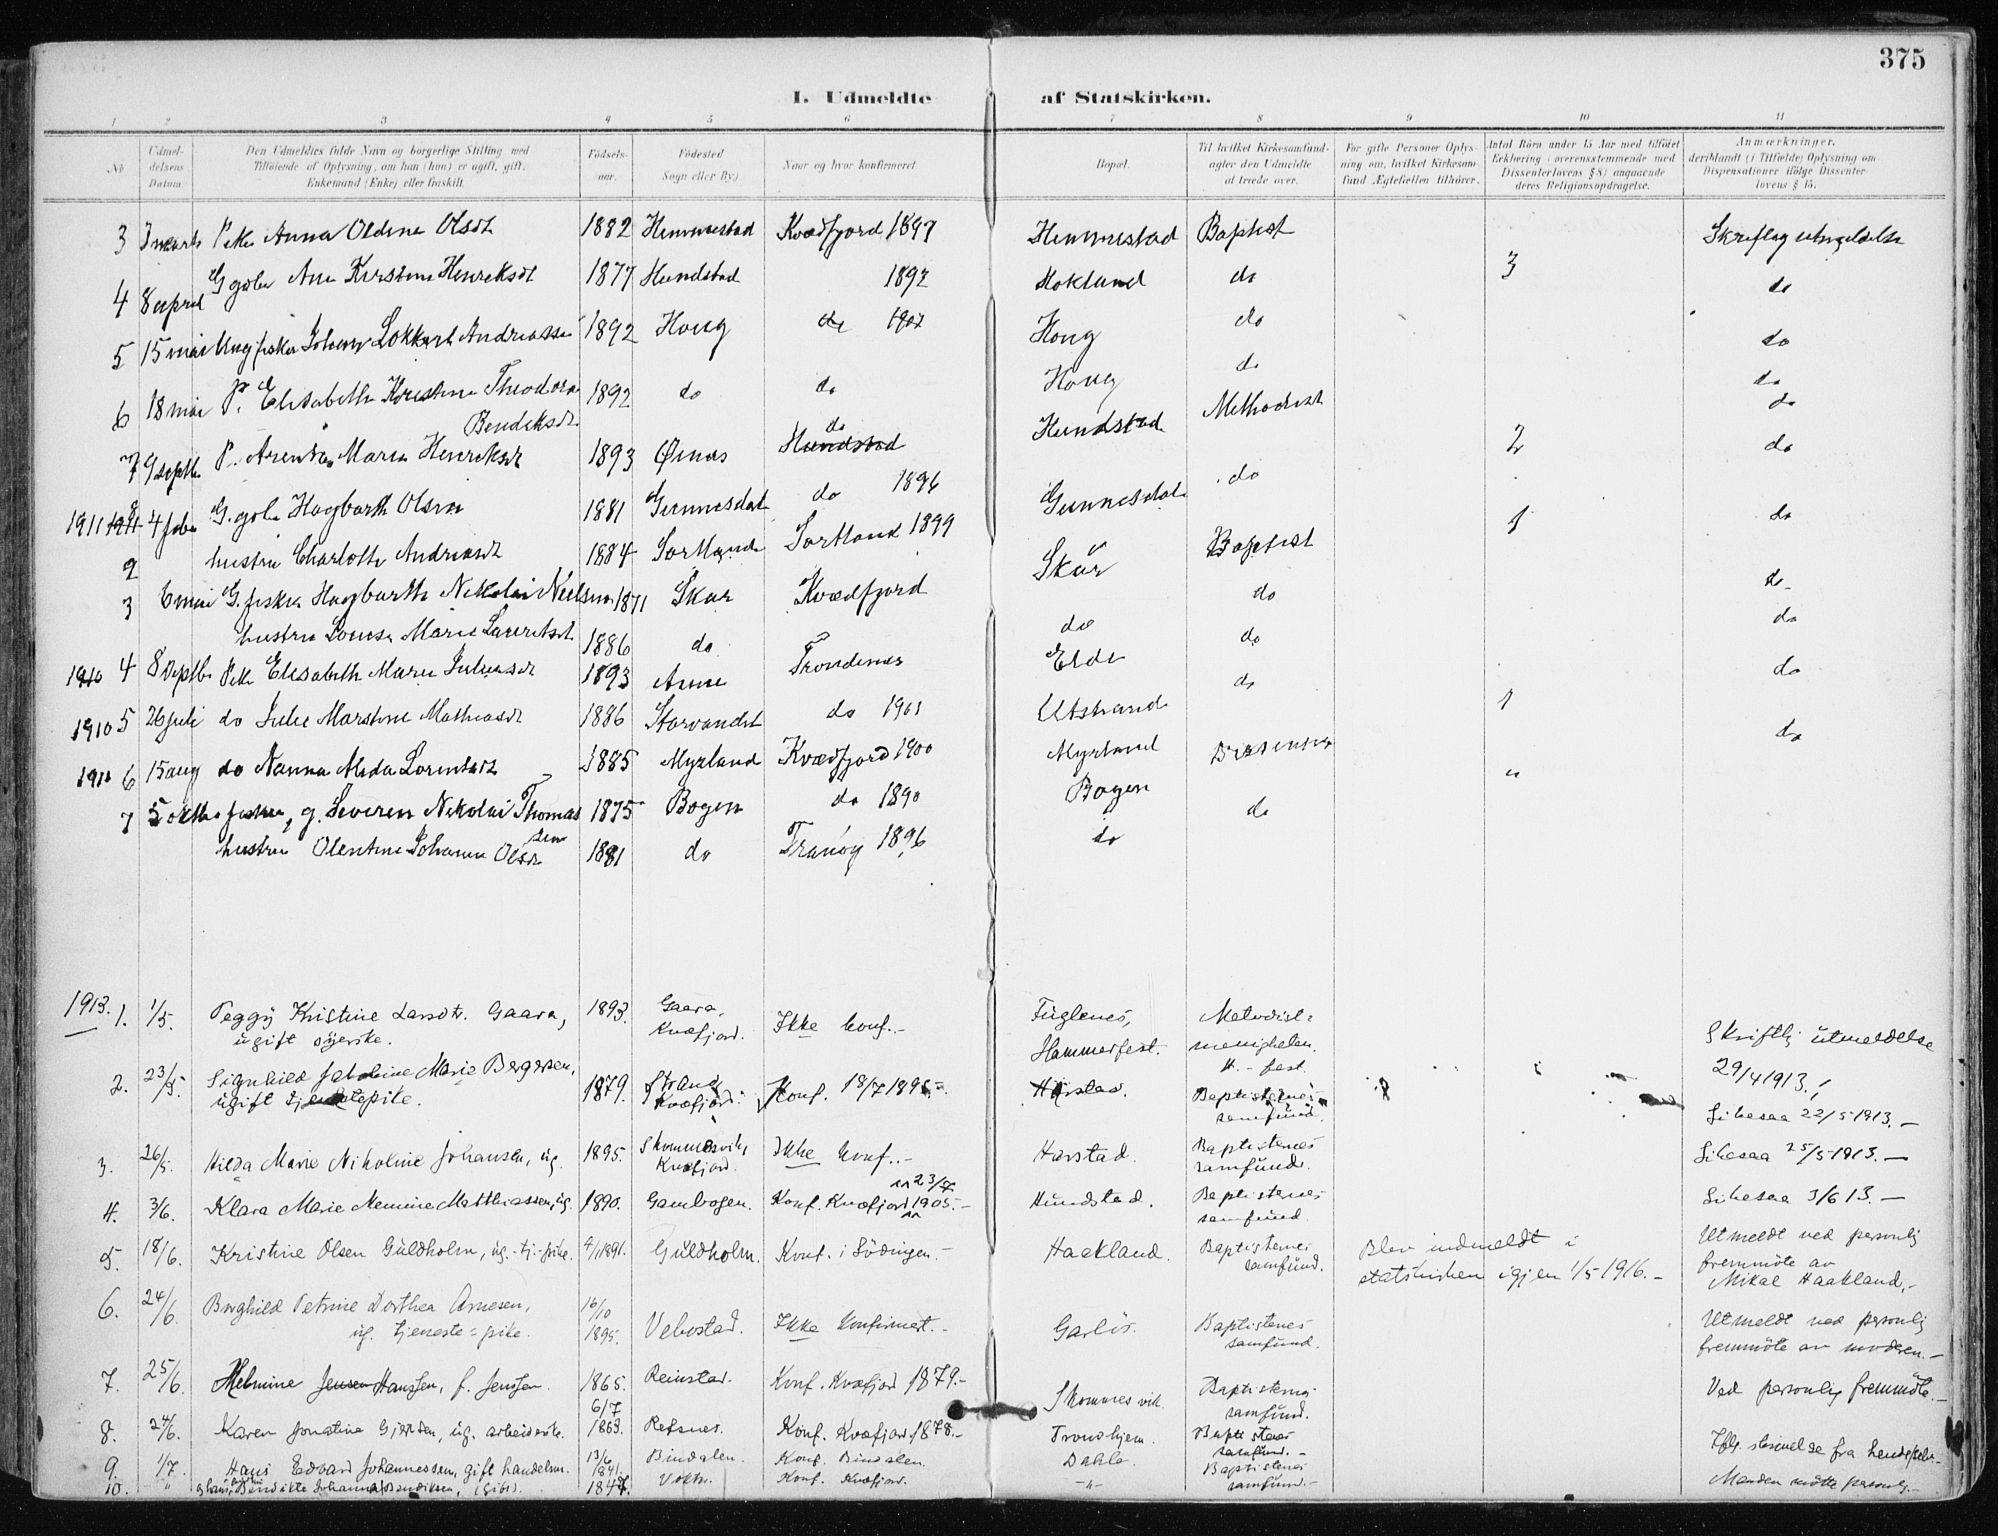 SATØ, Kvæfjord sokneprestkontor, G/Ga/Gaa/L0006kirke: Ministerialbok nr. 6, 1895-1914, s. 375